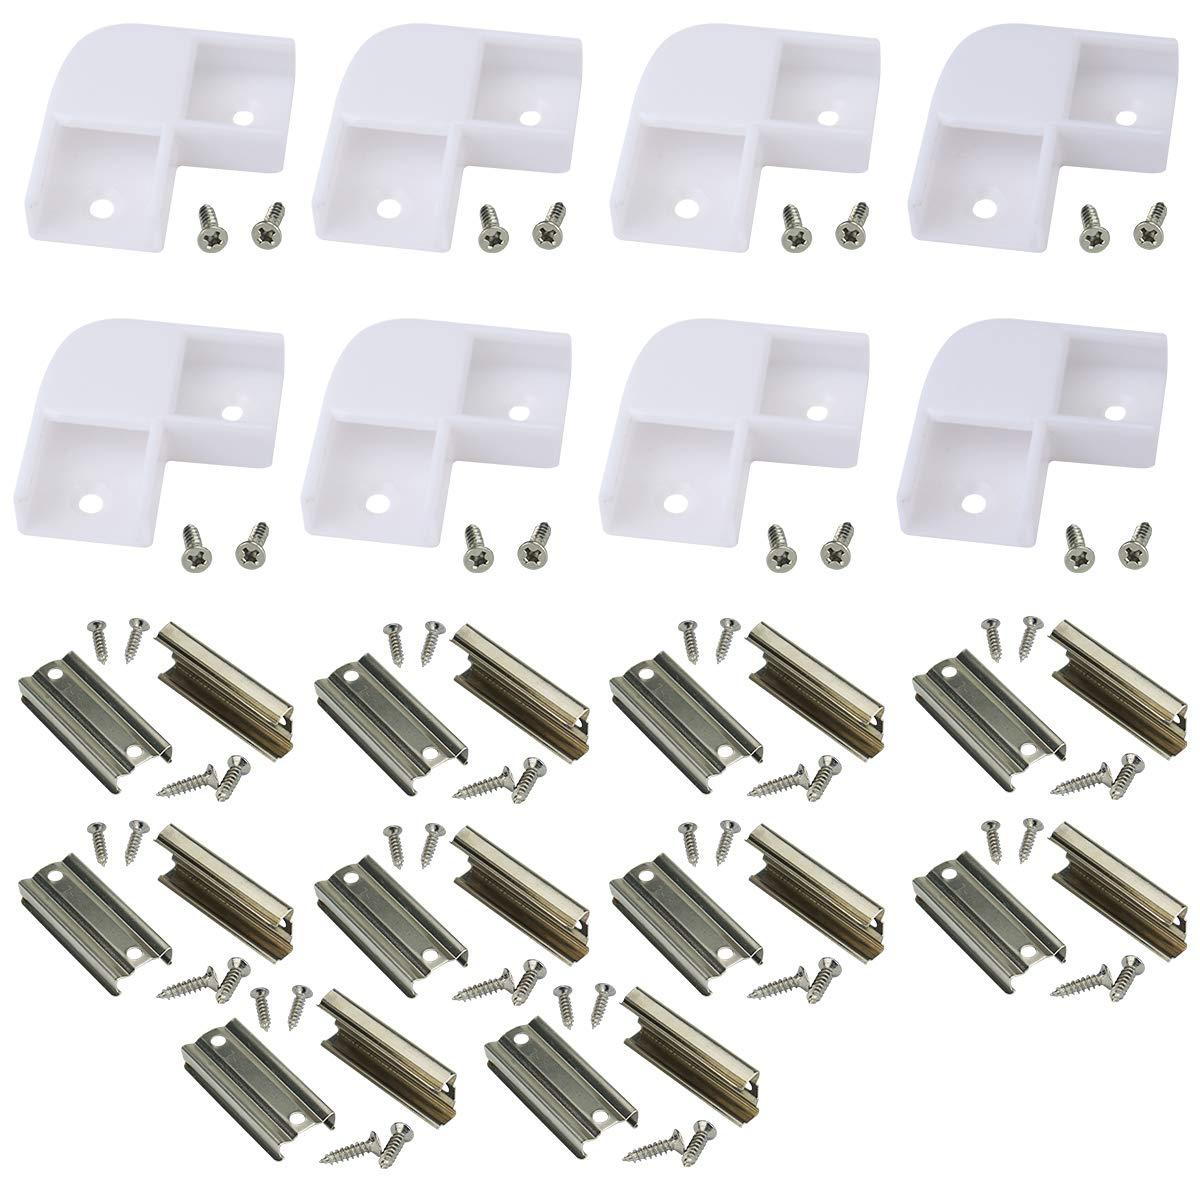 Muzata Led Channel Corner Connector kit L-Shape Adaptor 8PCS and Extension Connectors 20PCS for U-Shape U1SW Aluminum Channel, 90 Degree LC07 E1,LA1 LC1